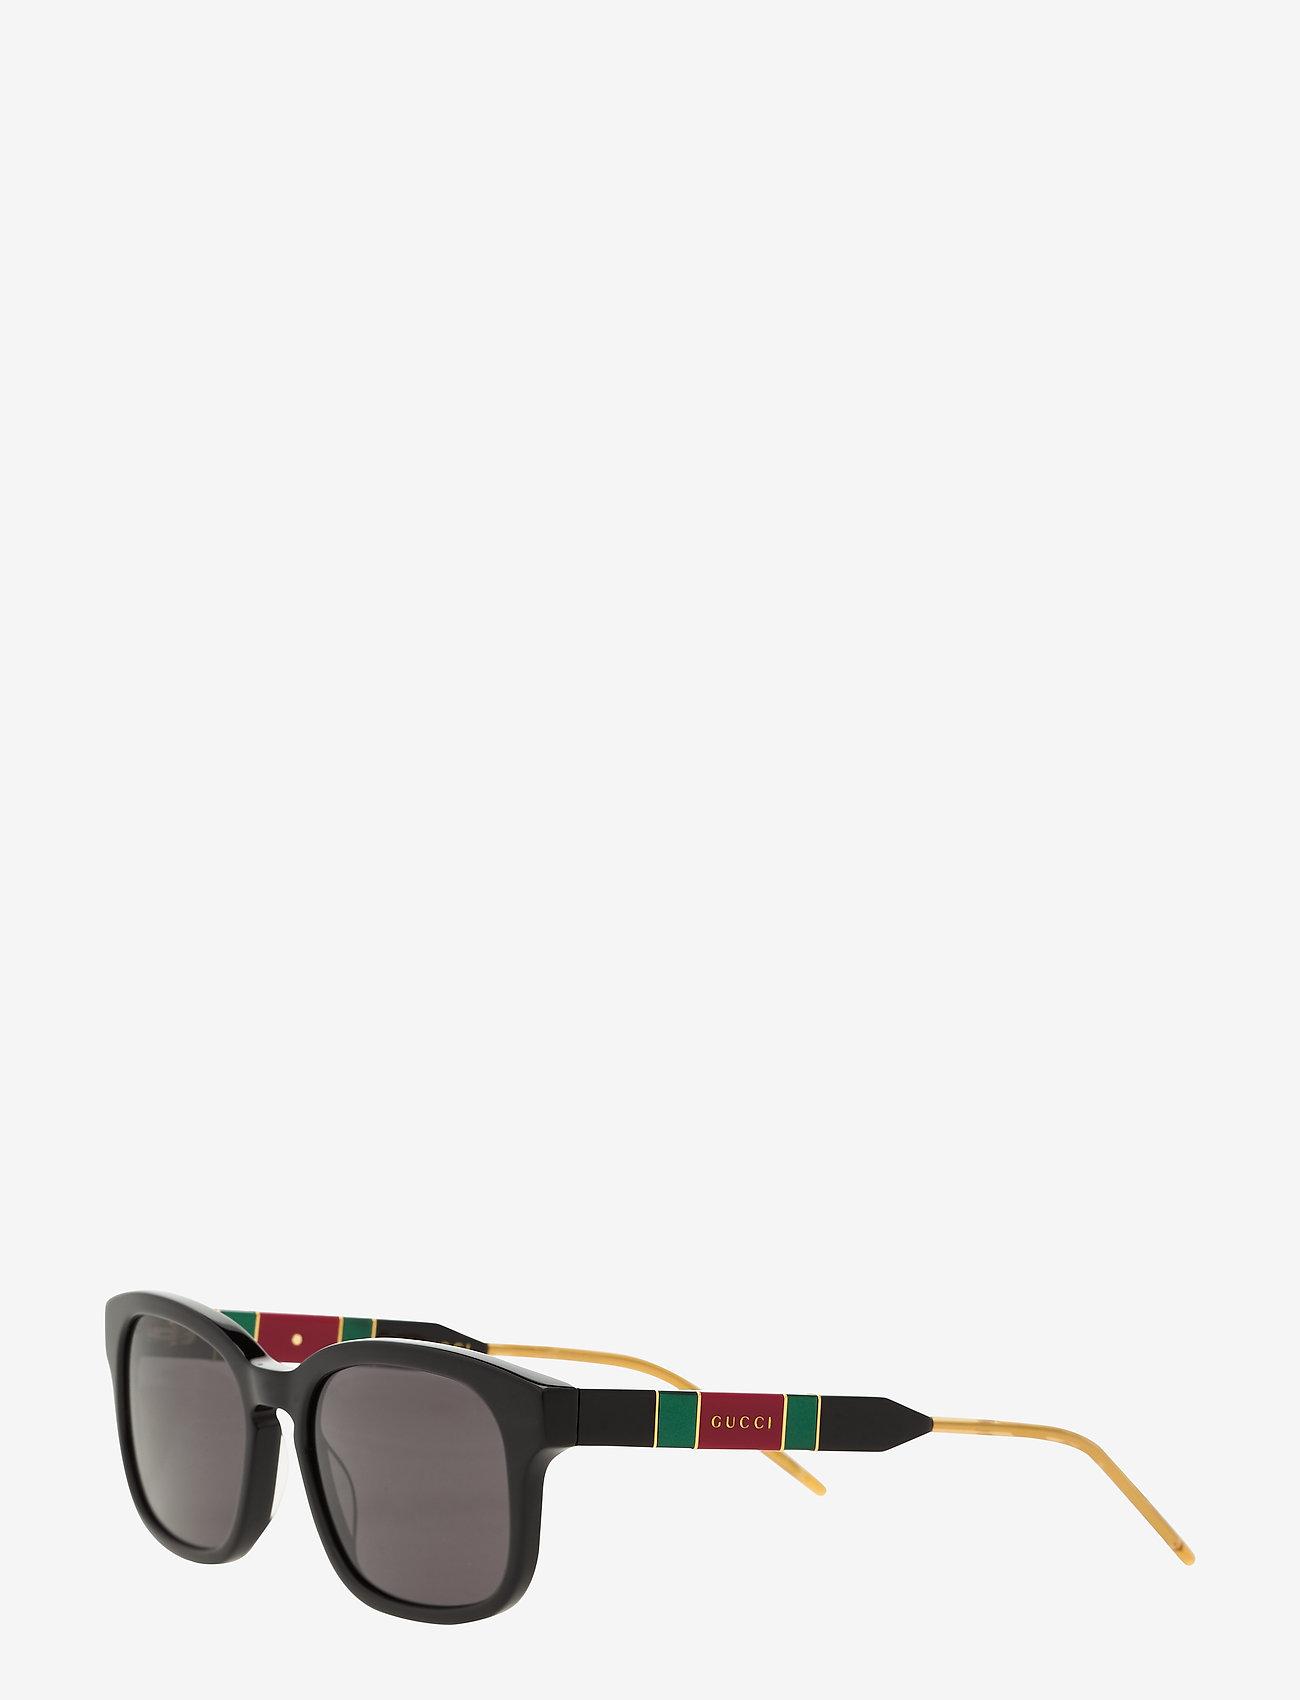 Gucci Sunglasses - GG0602S - okulary przeciwsłoneczne w kształcie litery d - black-black-grey - 1